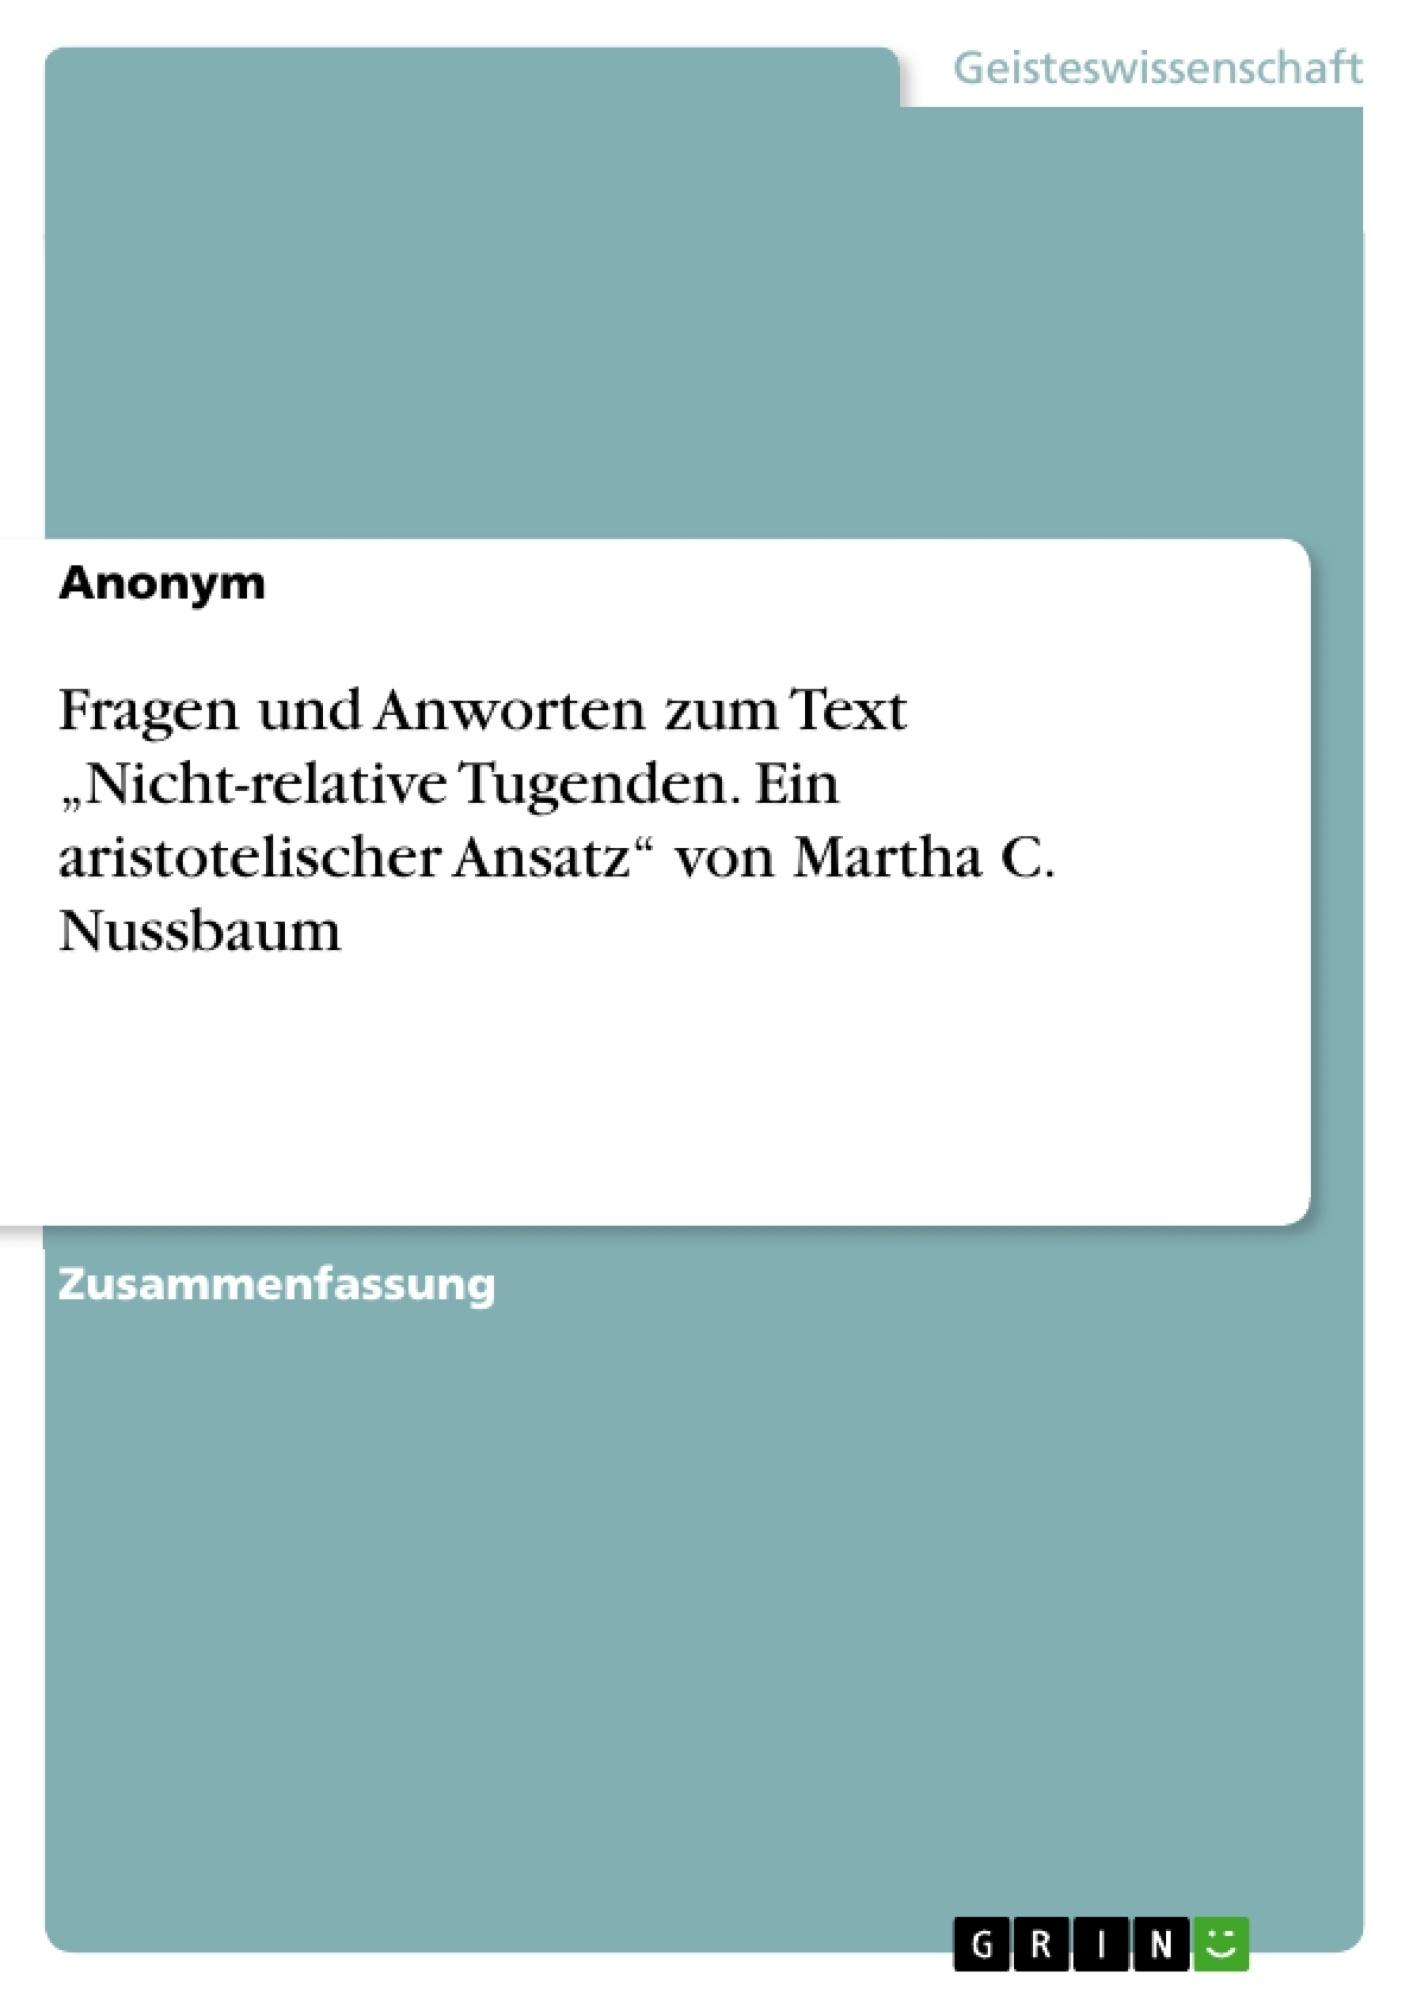 """Titel: Fragen und Anworten zum Text """"Nicht-relative Tugenden. Ein aristotelischer Ansatz"""" von Martha C. Nussbaum"""